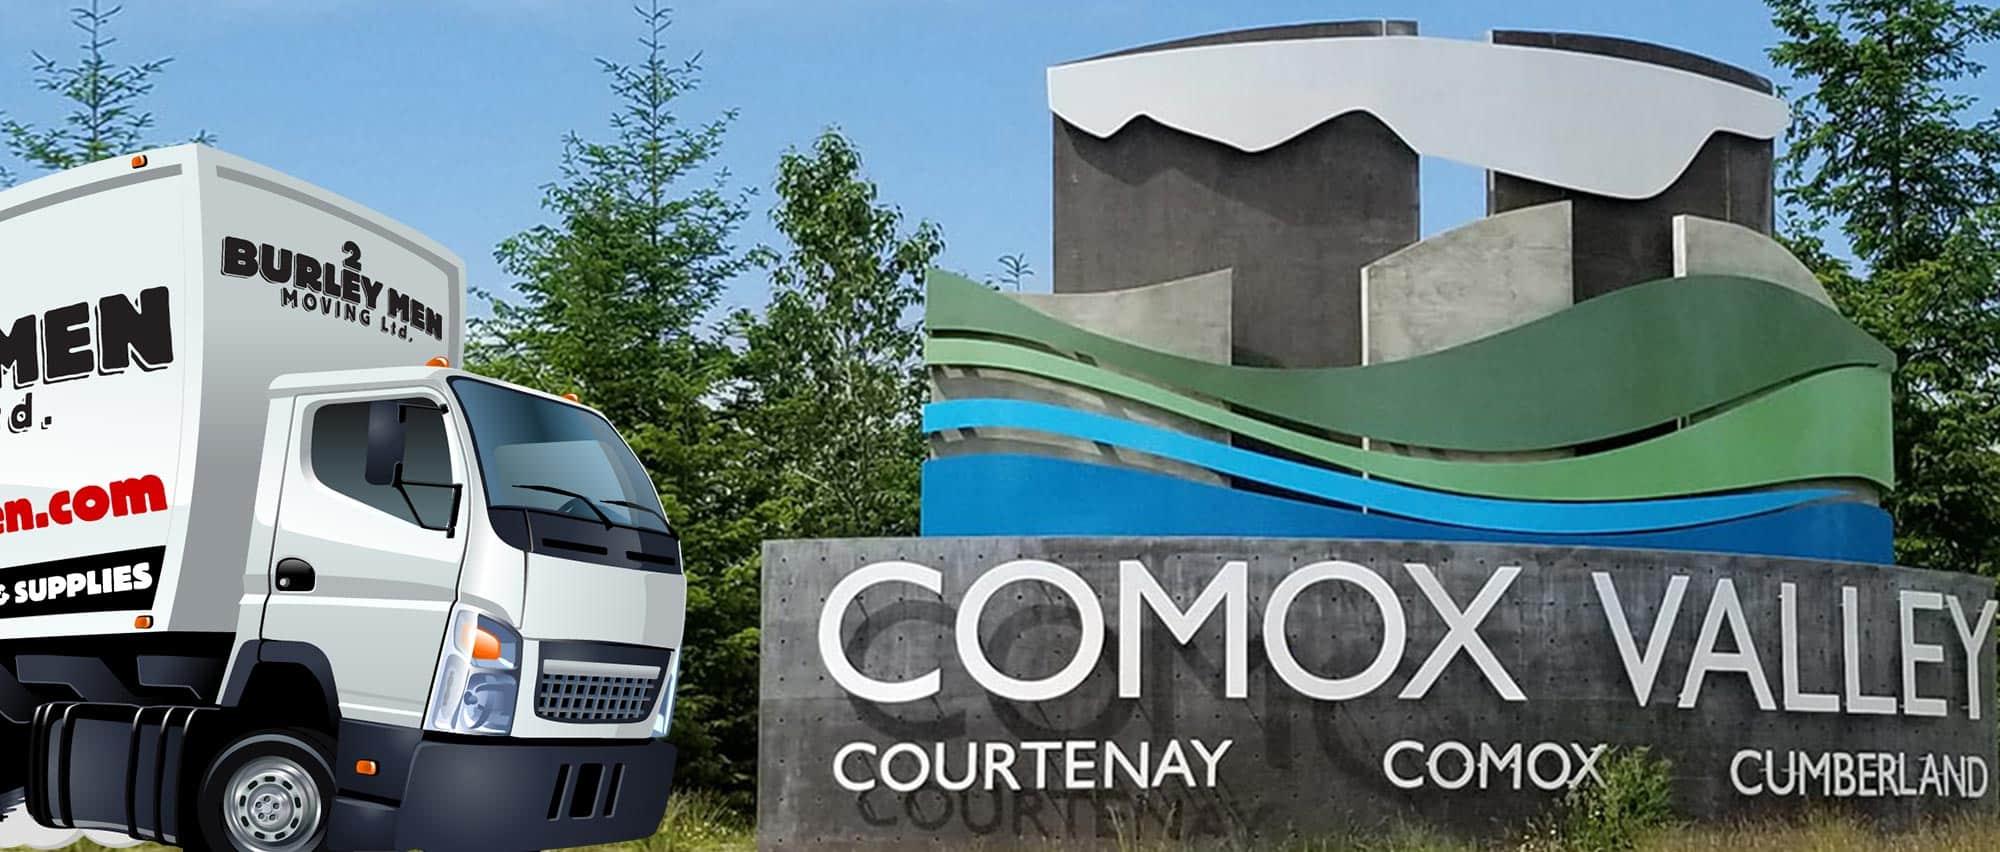 courtenay comox movers